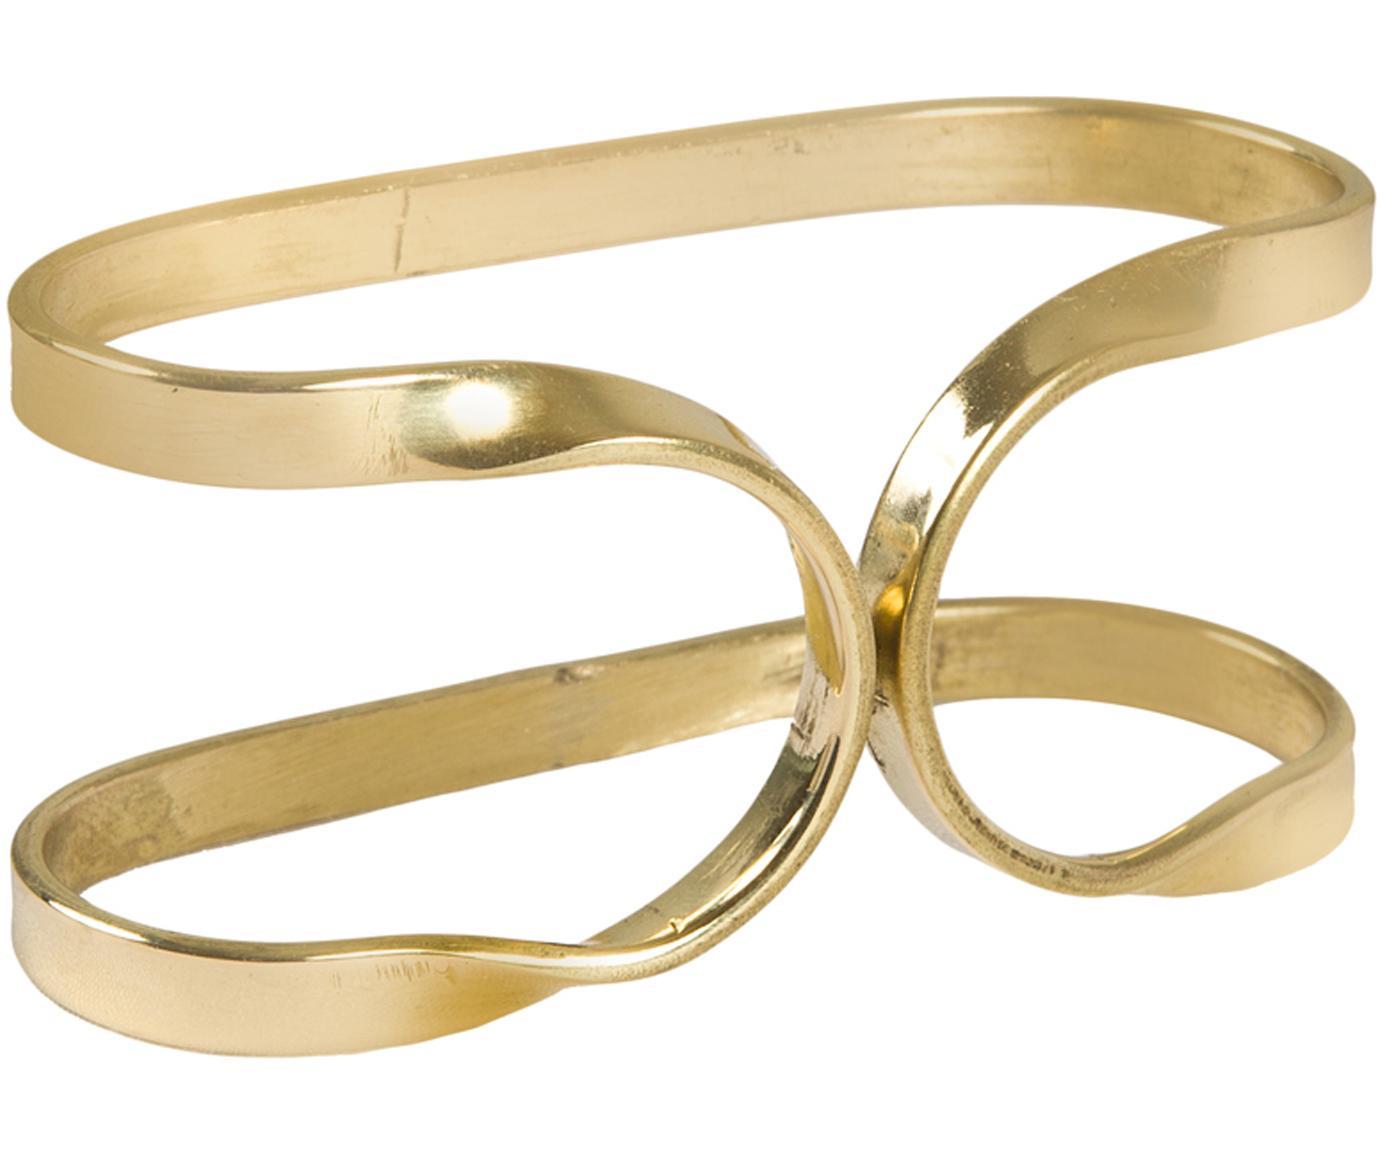 Obrączka na serwetkę Oslo, 4szt., Metal, Odcienie złotego, Ø 6 x W 3 cm